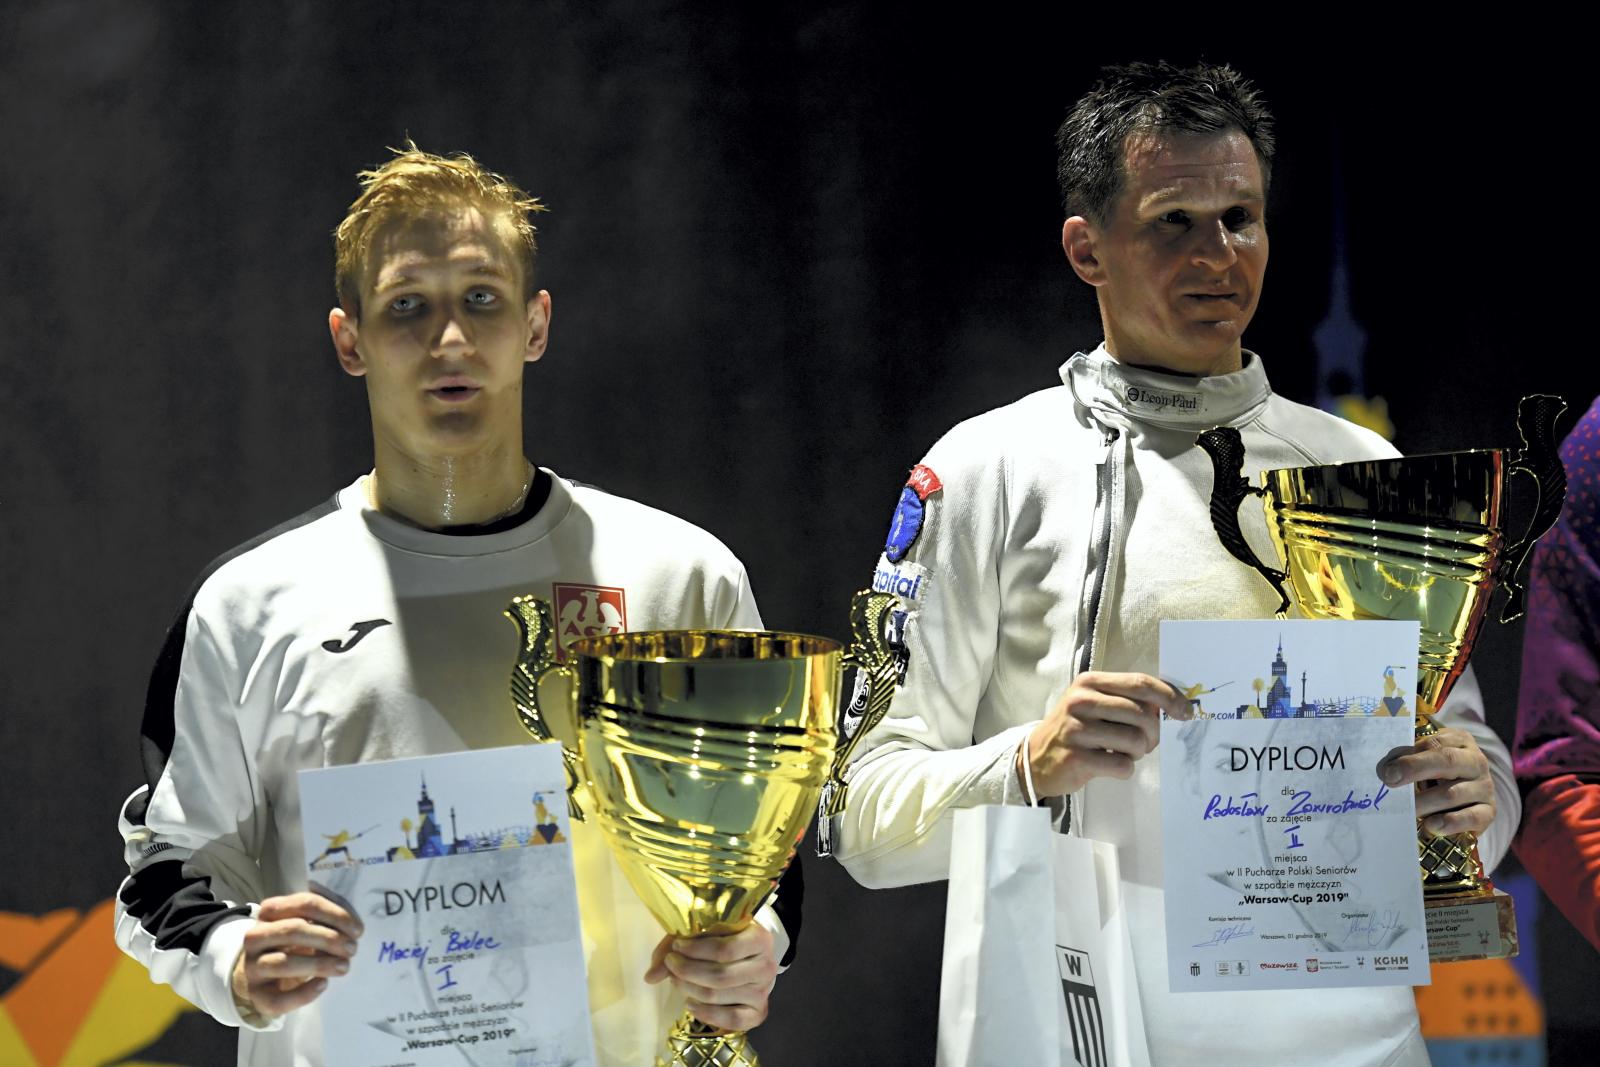 Mistrzostwa Polski w szermierce fot. PAP/Piotr Nowak